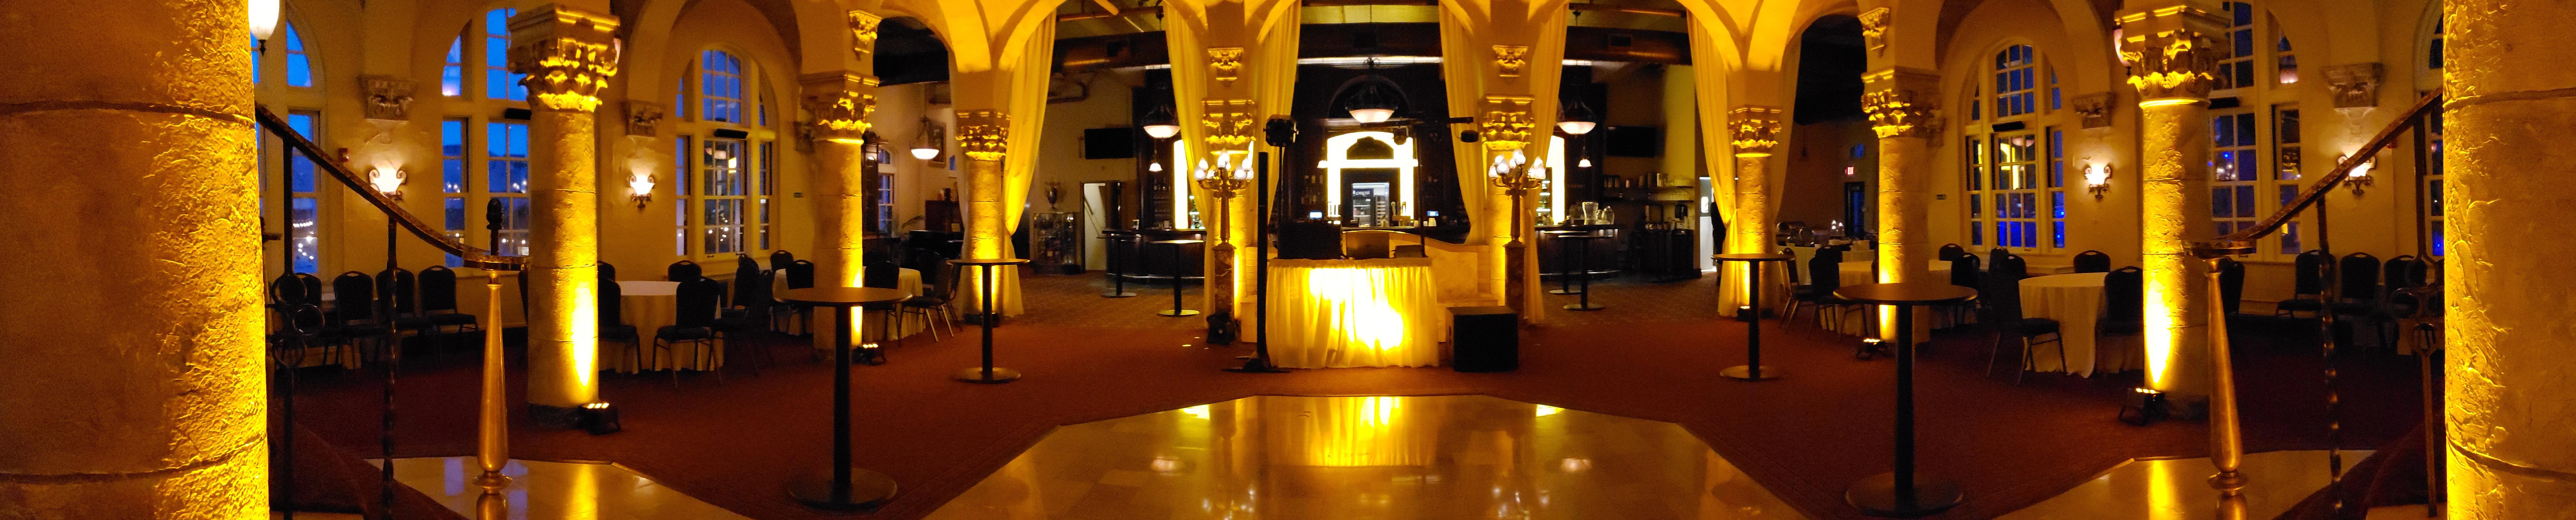 Barnett On Washington with 314DJ Sound and Up Lighting